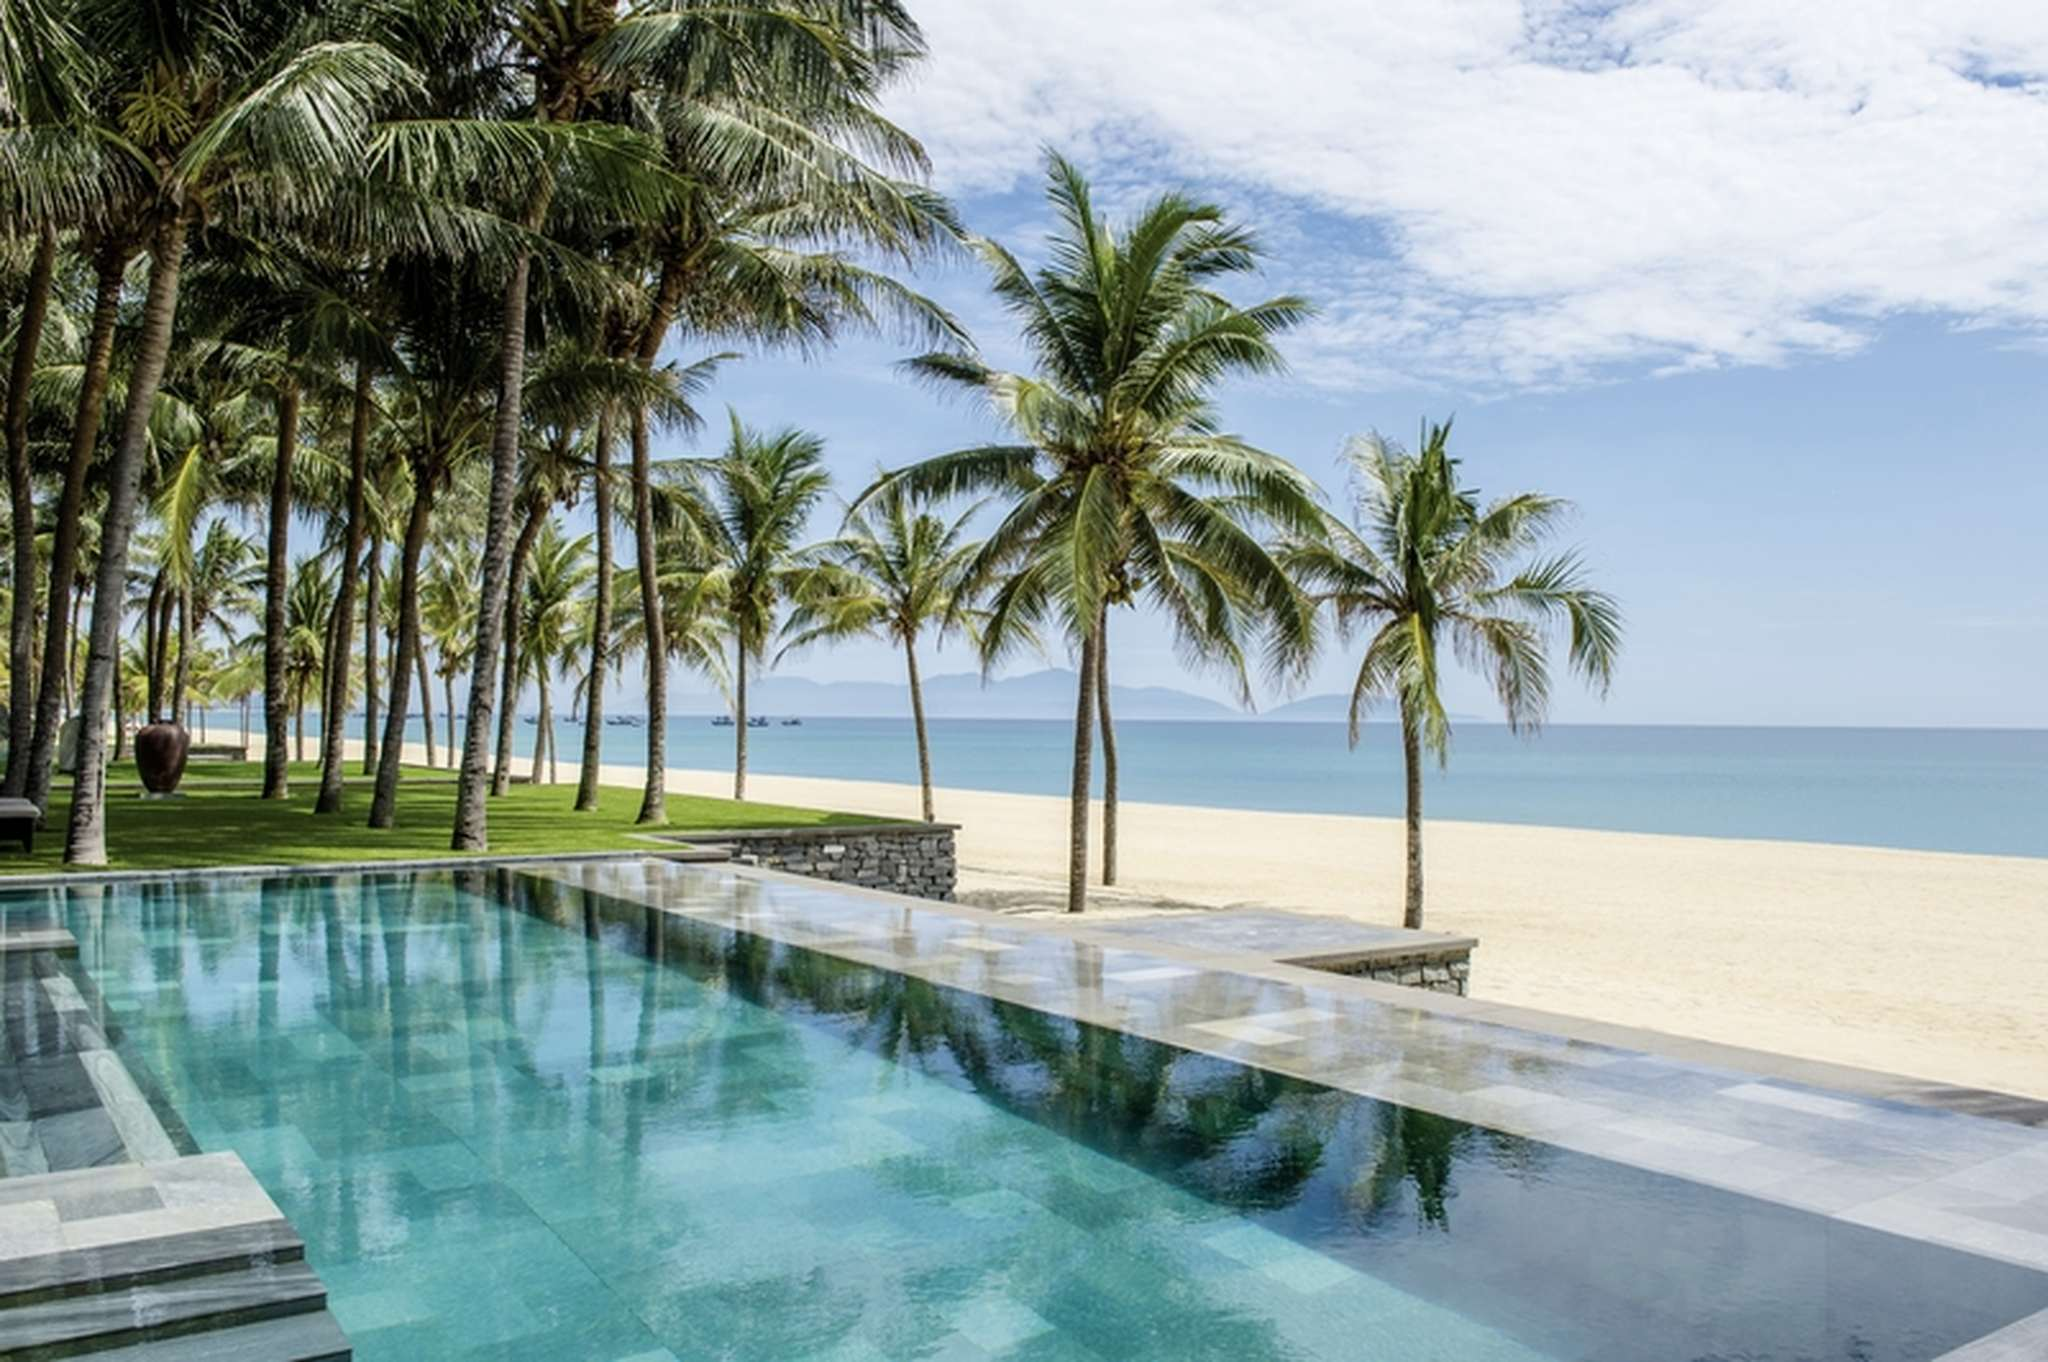 Four Seasons Resort The Nam Hai, Hoi An